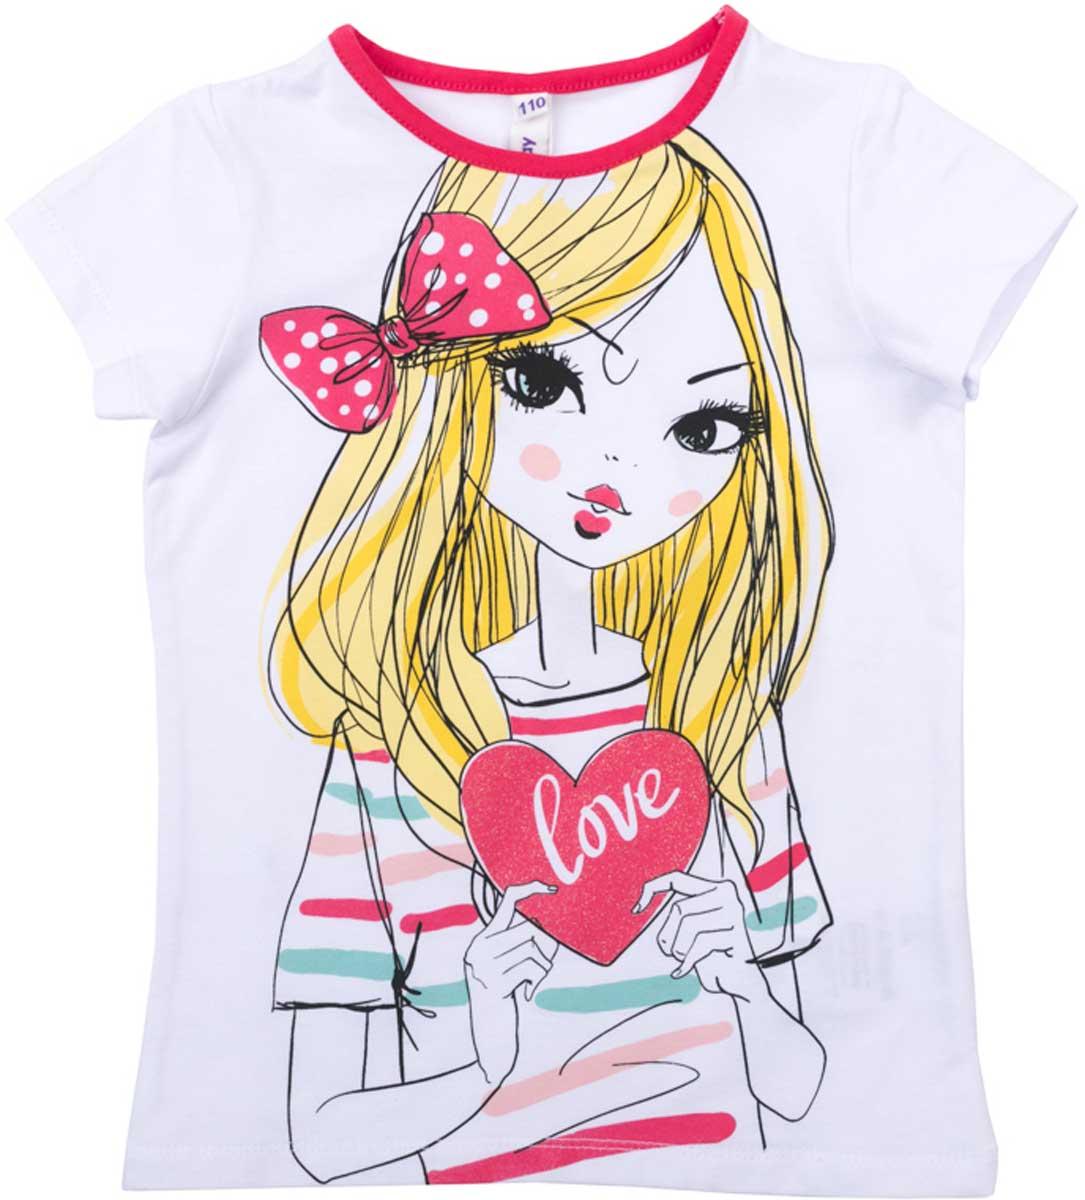 Футболка для девочки PlayToday, цвет: белый, розовый. 172024. Размер 98172024Футболка для девочки PlayToday свободного классического кроя прекрасно подойдет как для домашнего использования, так и для прогулок на свежем воздухе. Можно использовать в качестве базовой вещи повседневного гардероба вашего ребенка. Яркий стильный принт является достойным украшением данного изделия.